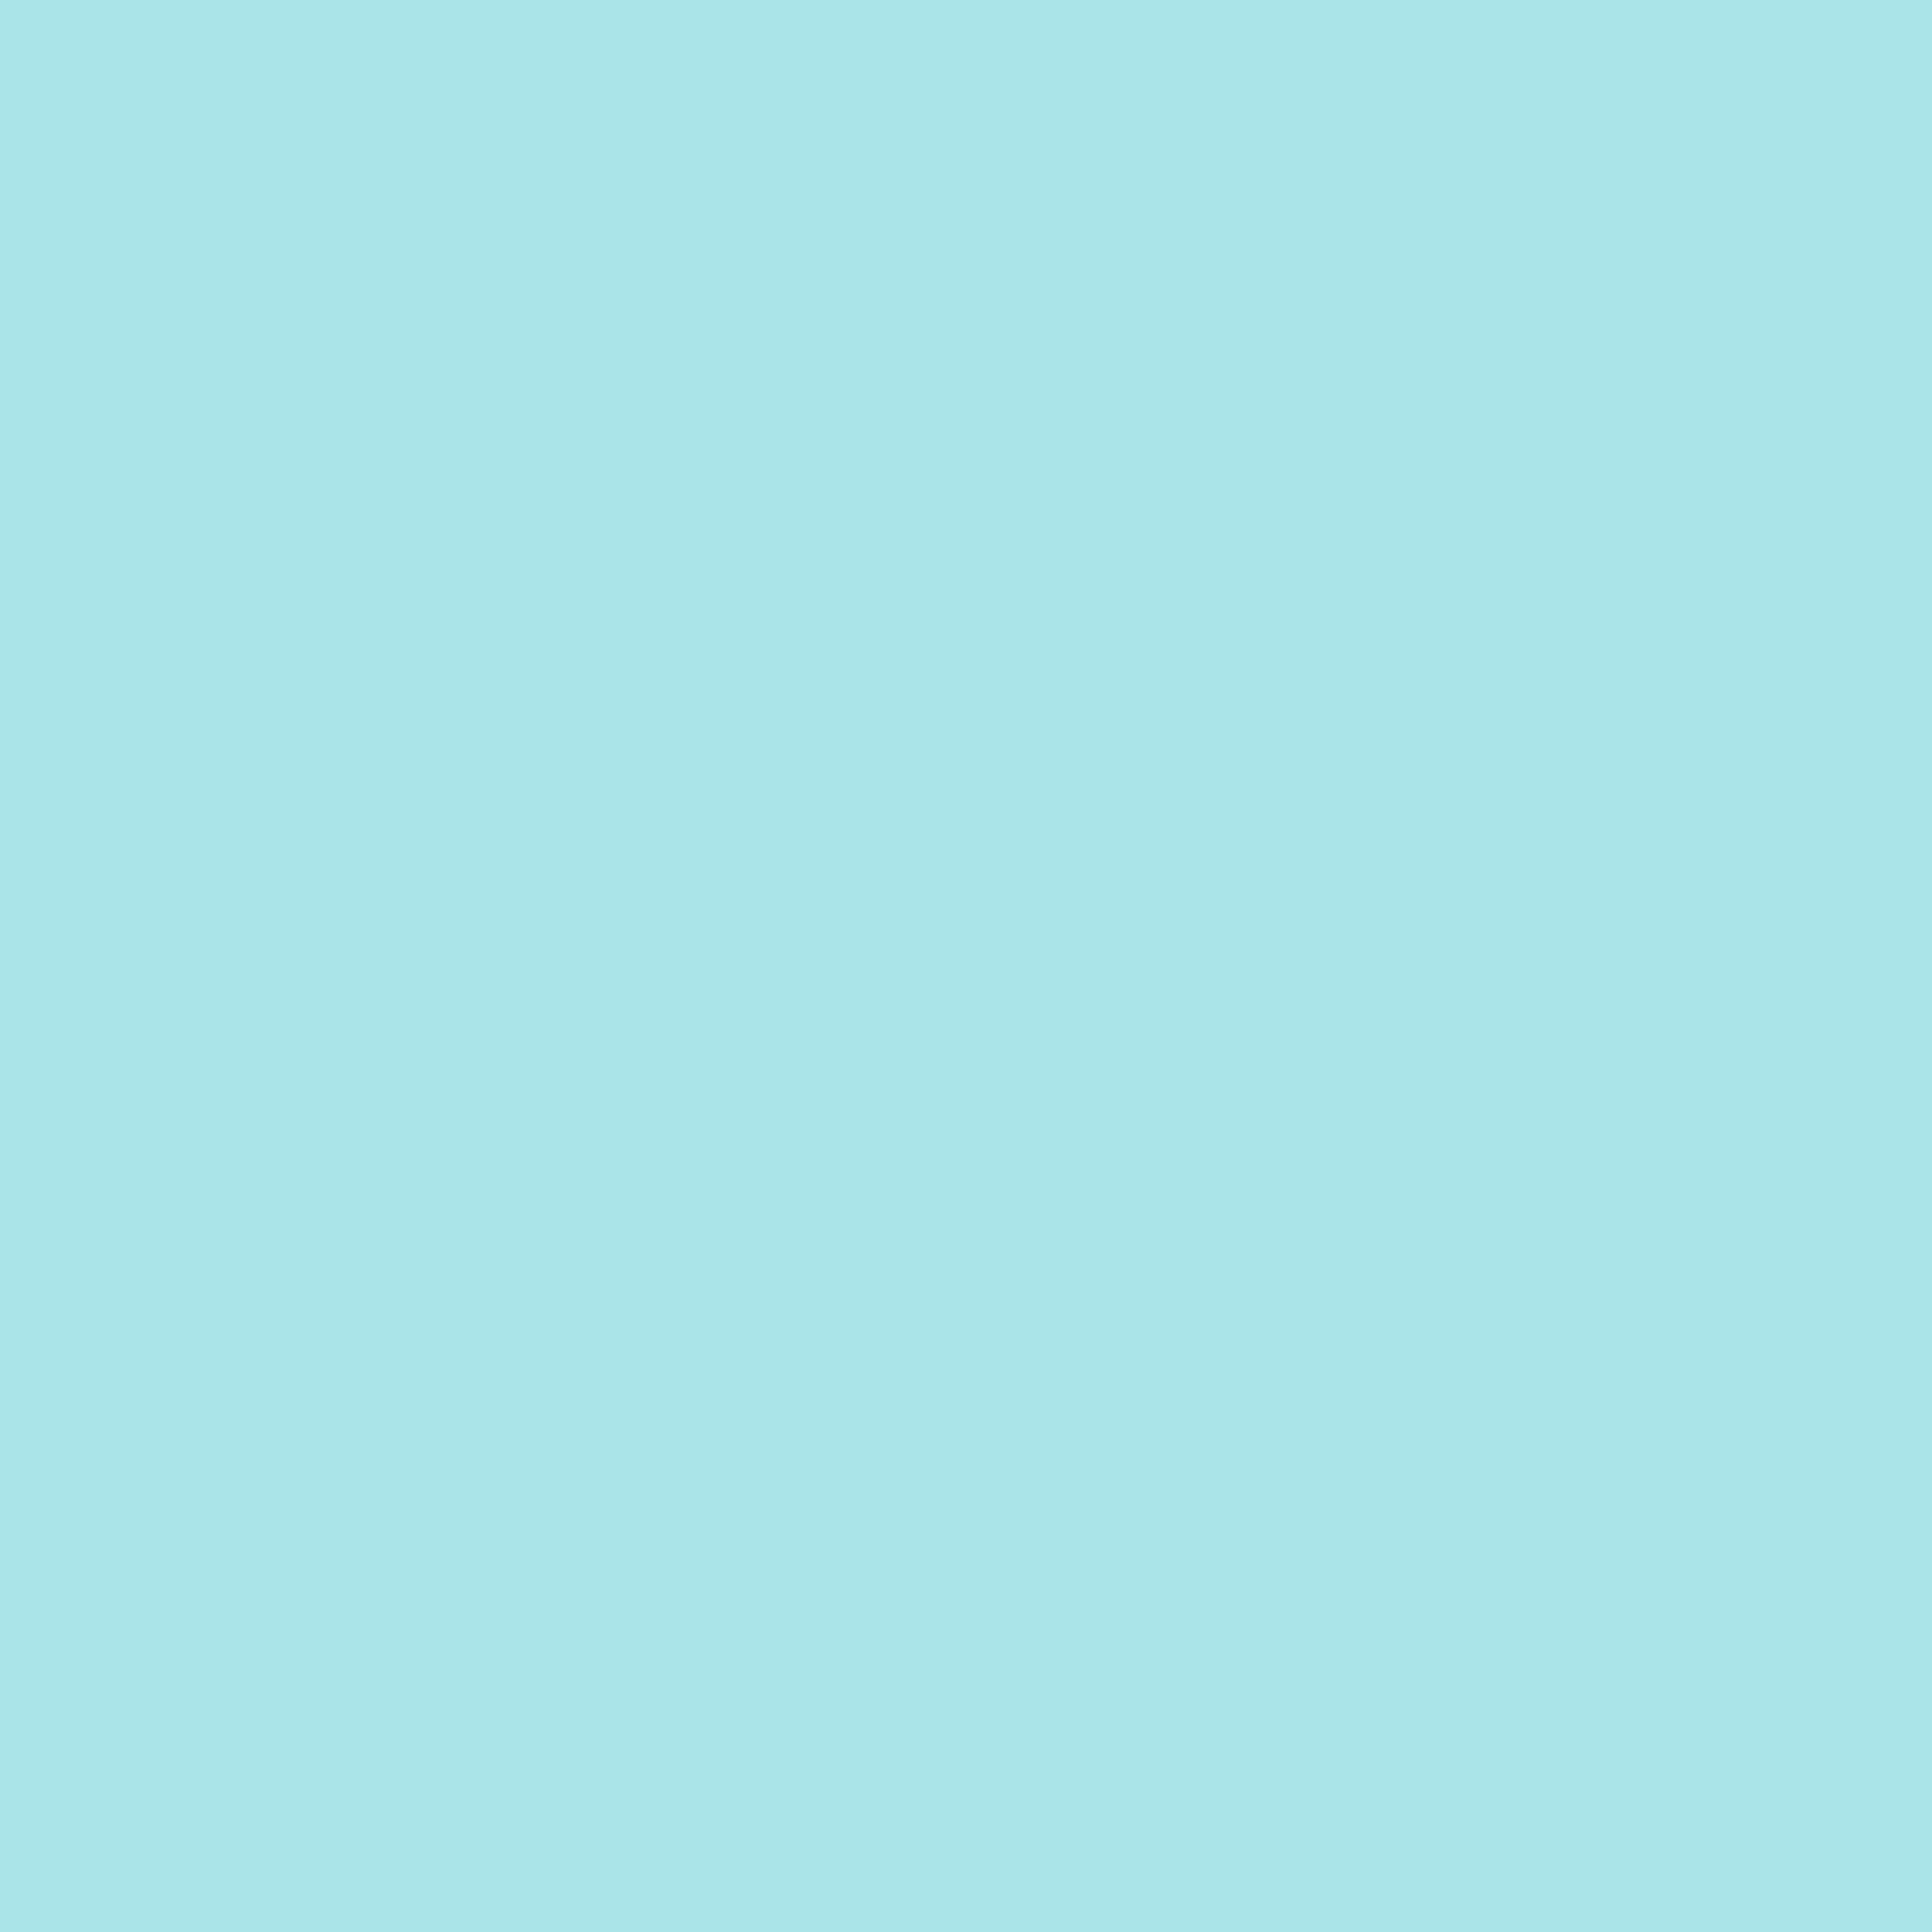 Ткань нежно-голубая - студия SOVA